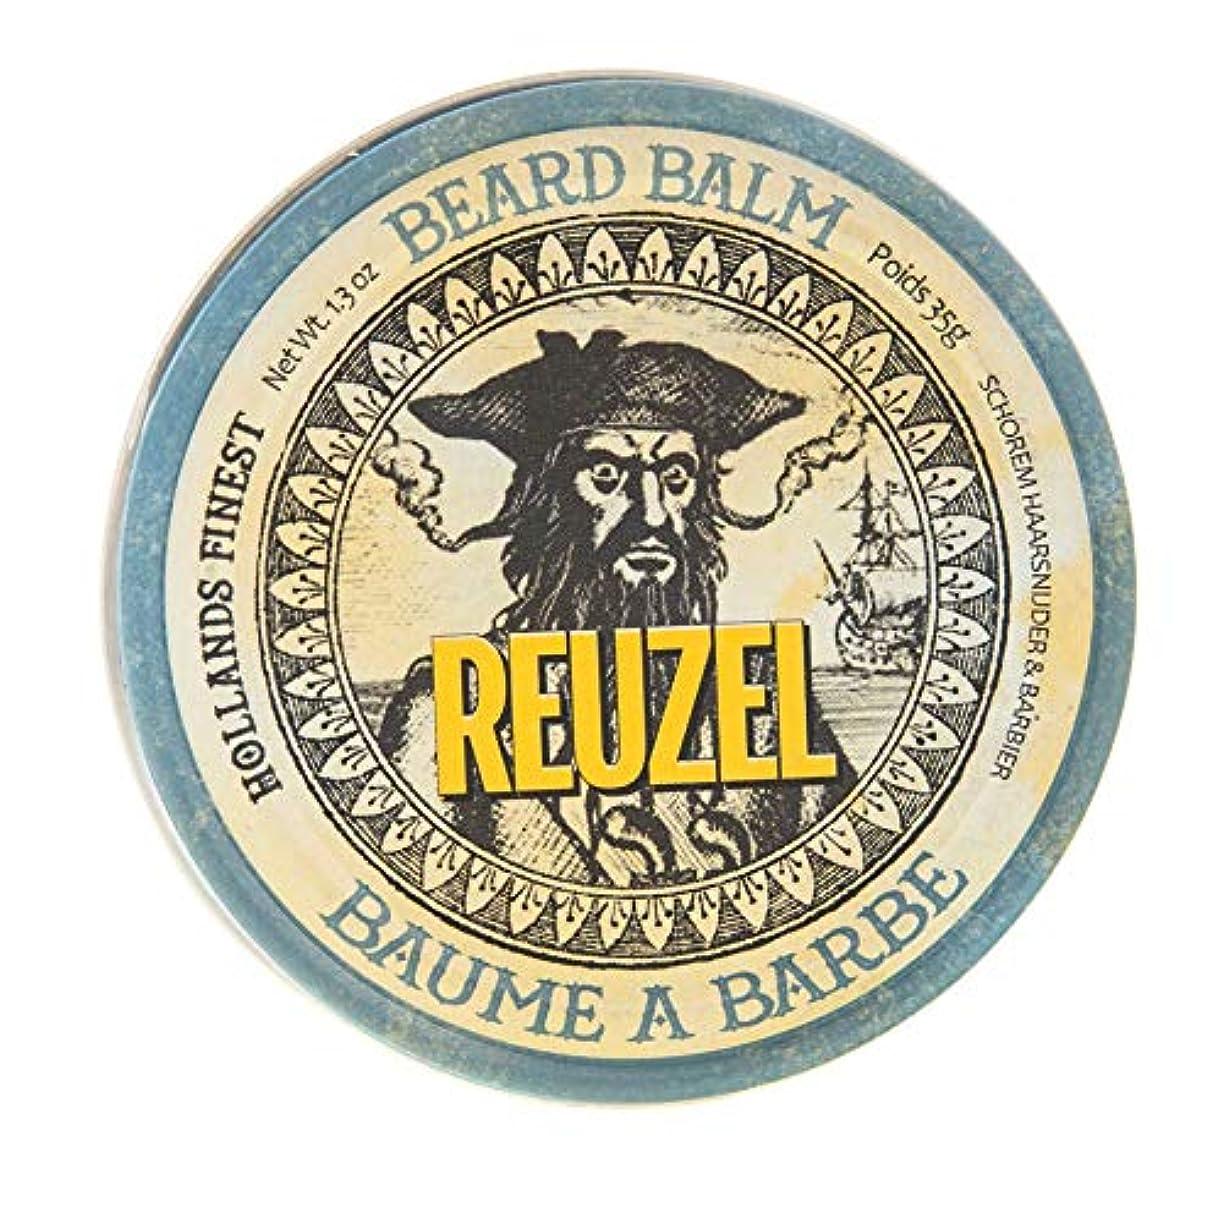 抱擁塗抹禁止するルーゾー ビアード バーム Reuzel Beard Balm 35 g [並行輸入品]